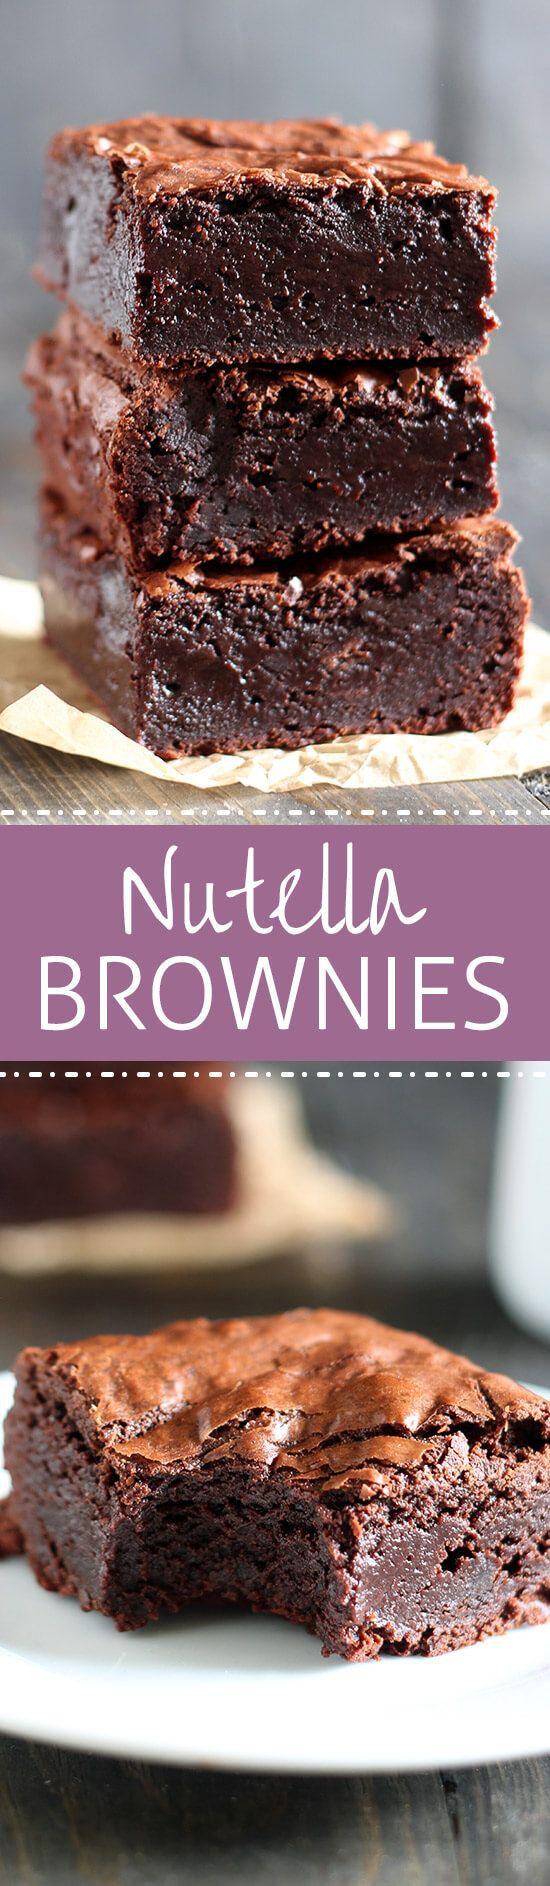 Nutella Topped Brownies Best 25 Best Brownies Ideas On Pinterest Fudge Brownies